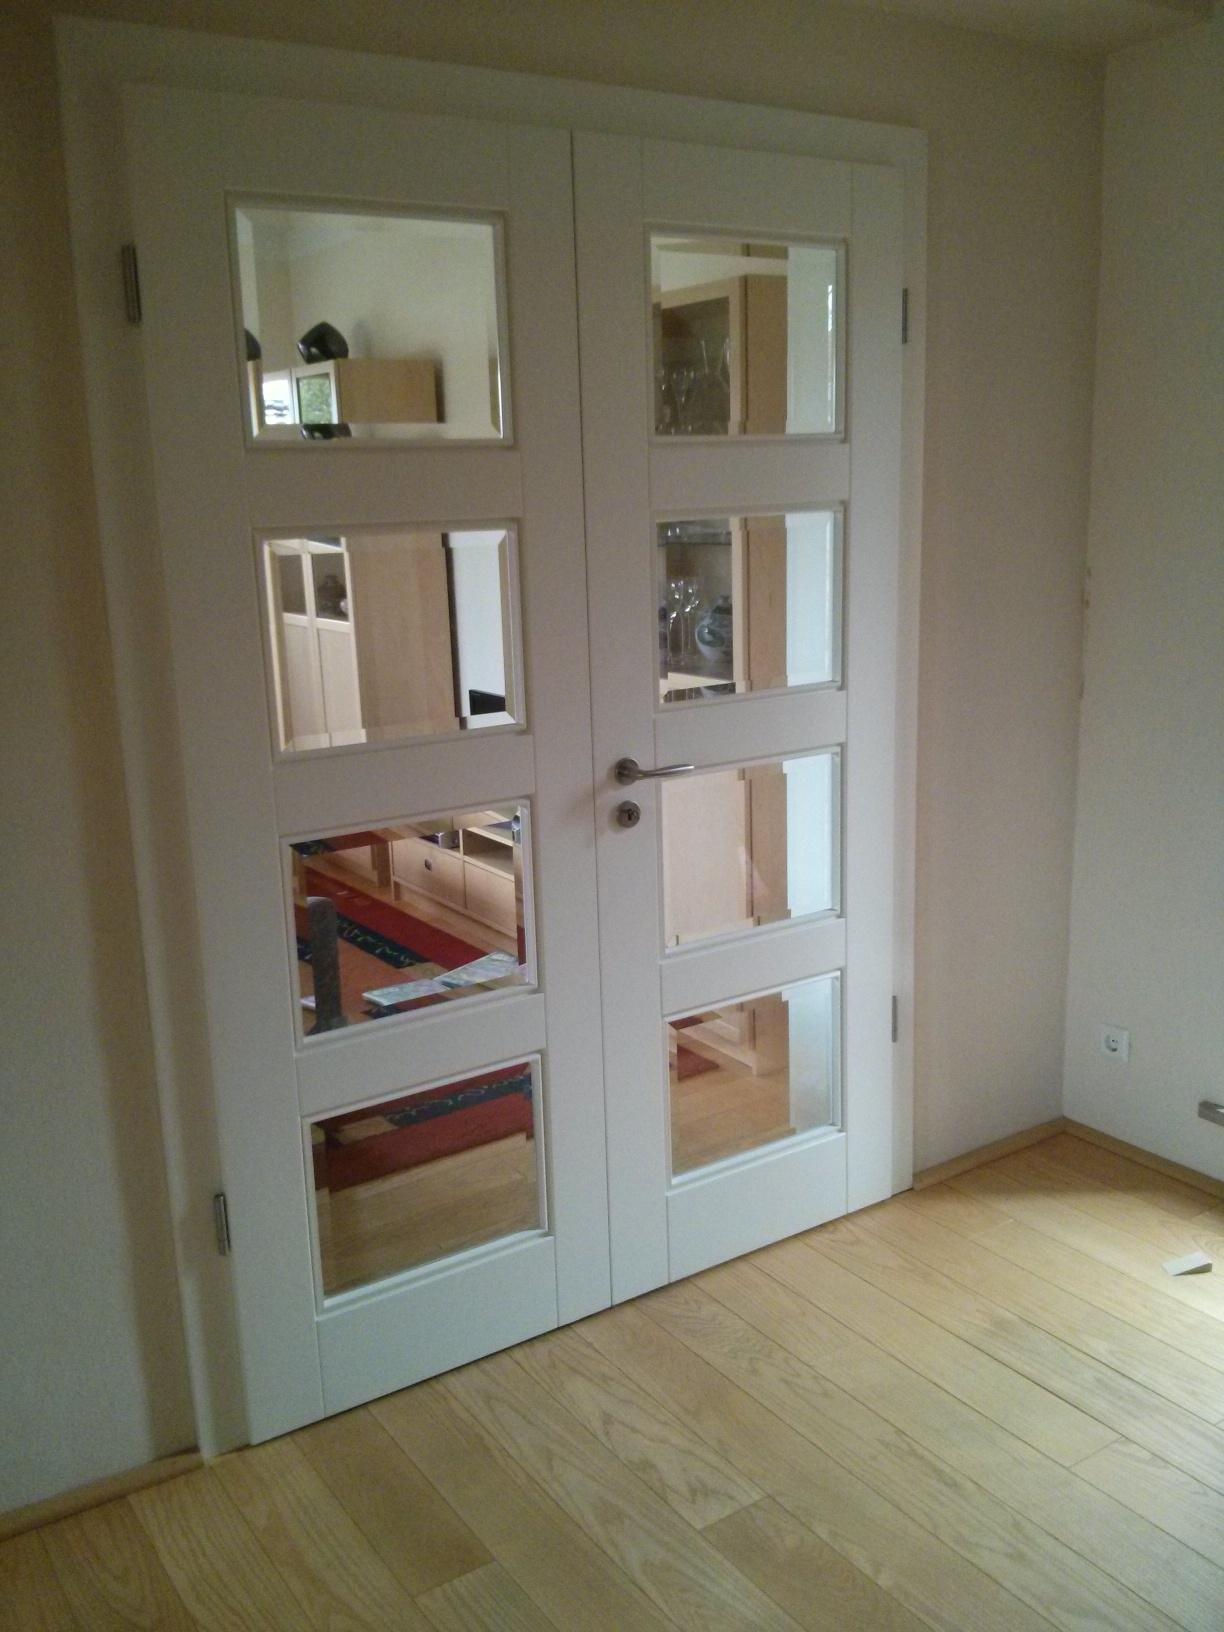 Mein Hausbau Blog Die letzte Tür im Haus